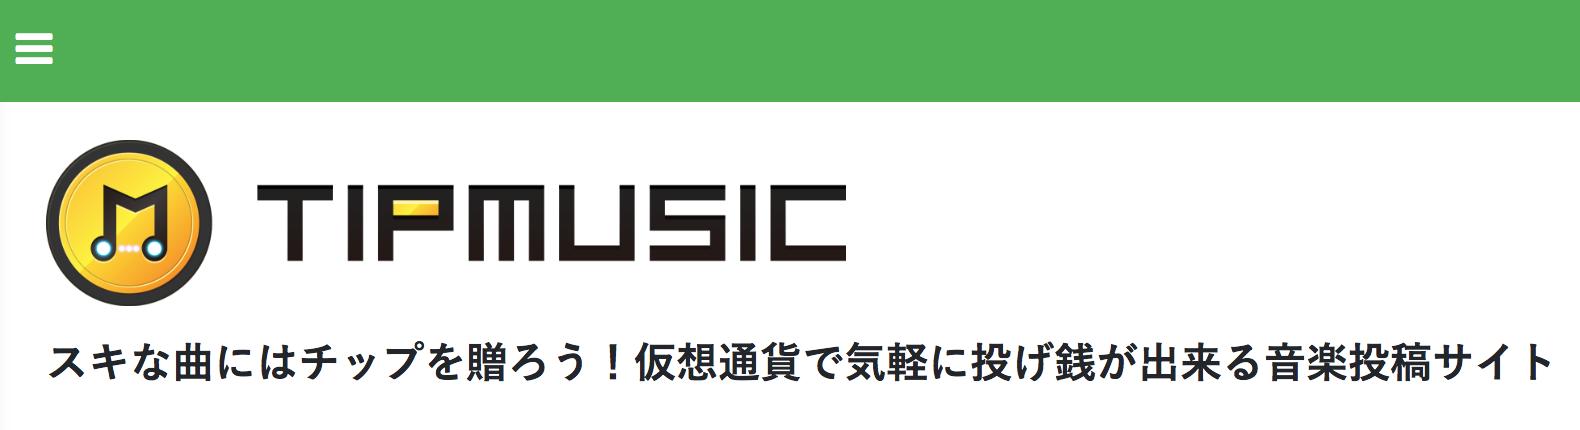 「tipmusic」は音楽投稿して仮想通貨で投げ銭をもらえるサイトです